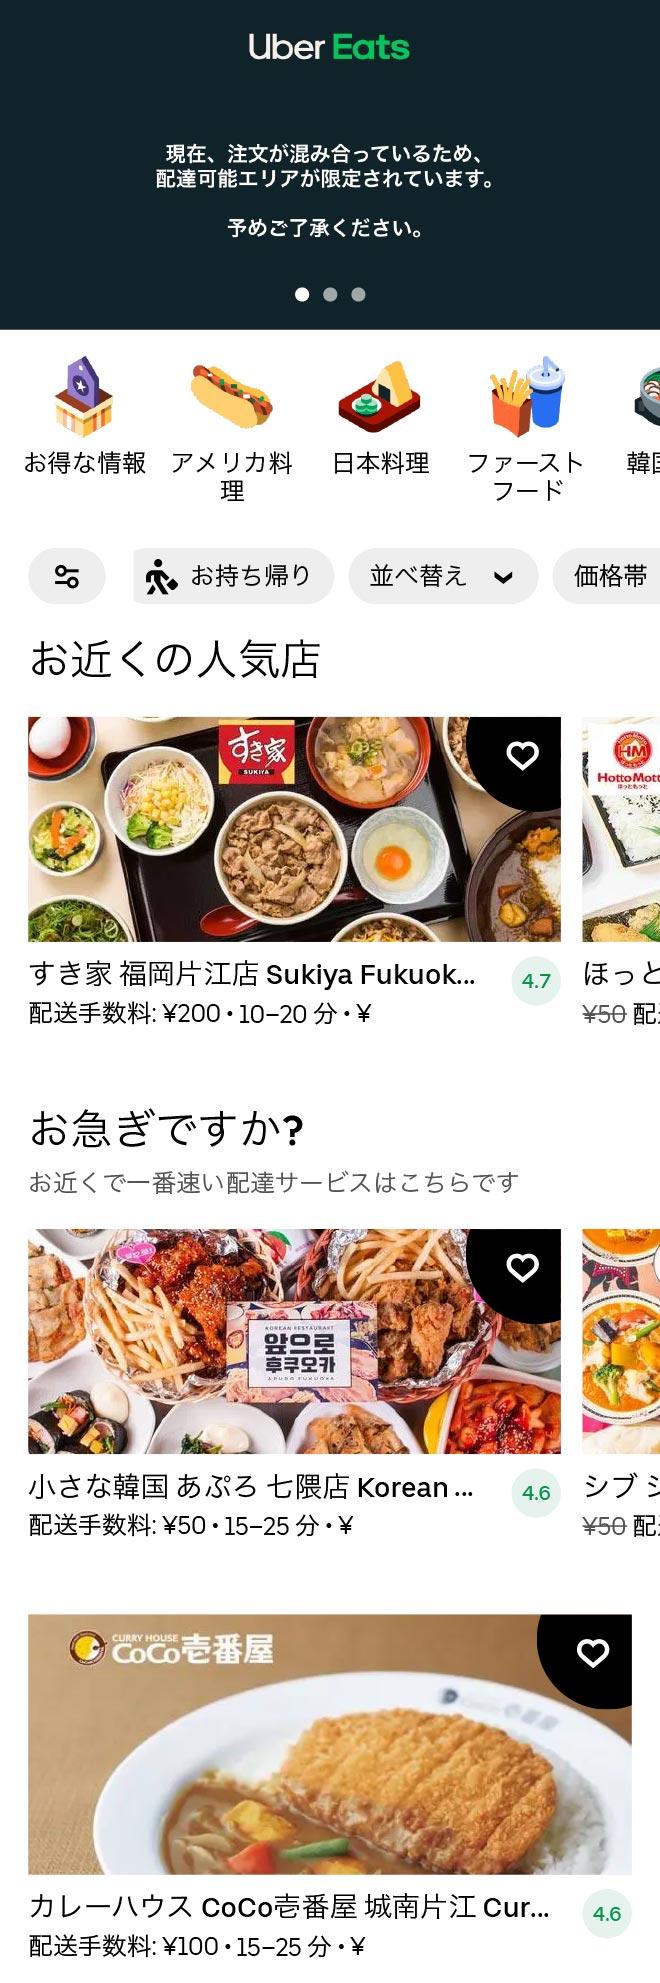 Nanakuma menu 2101 01